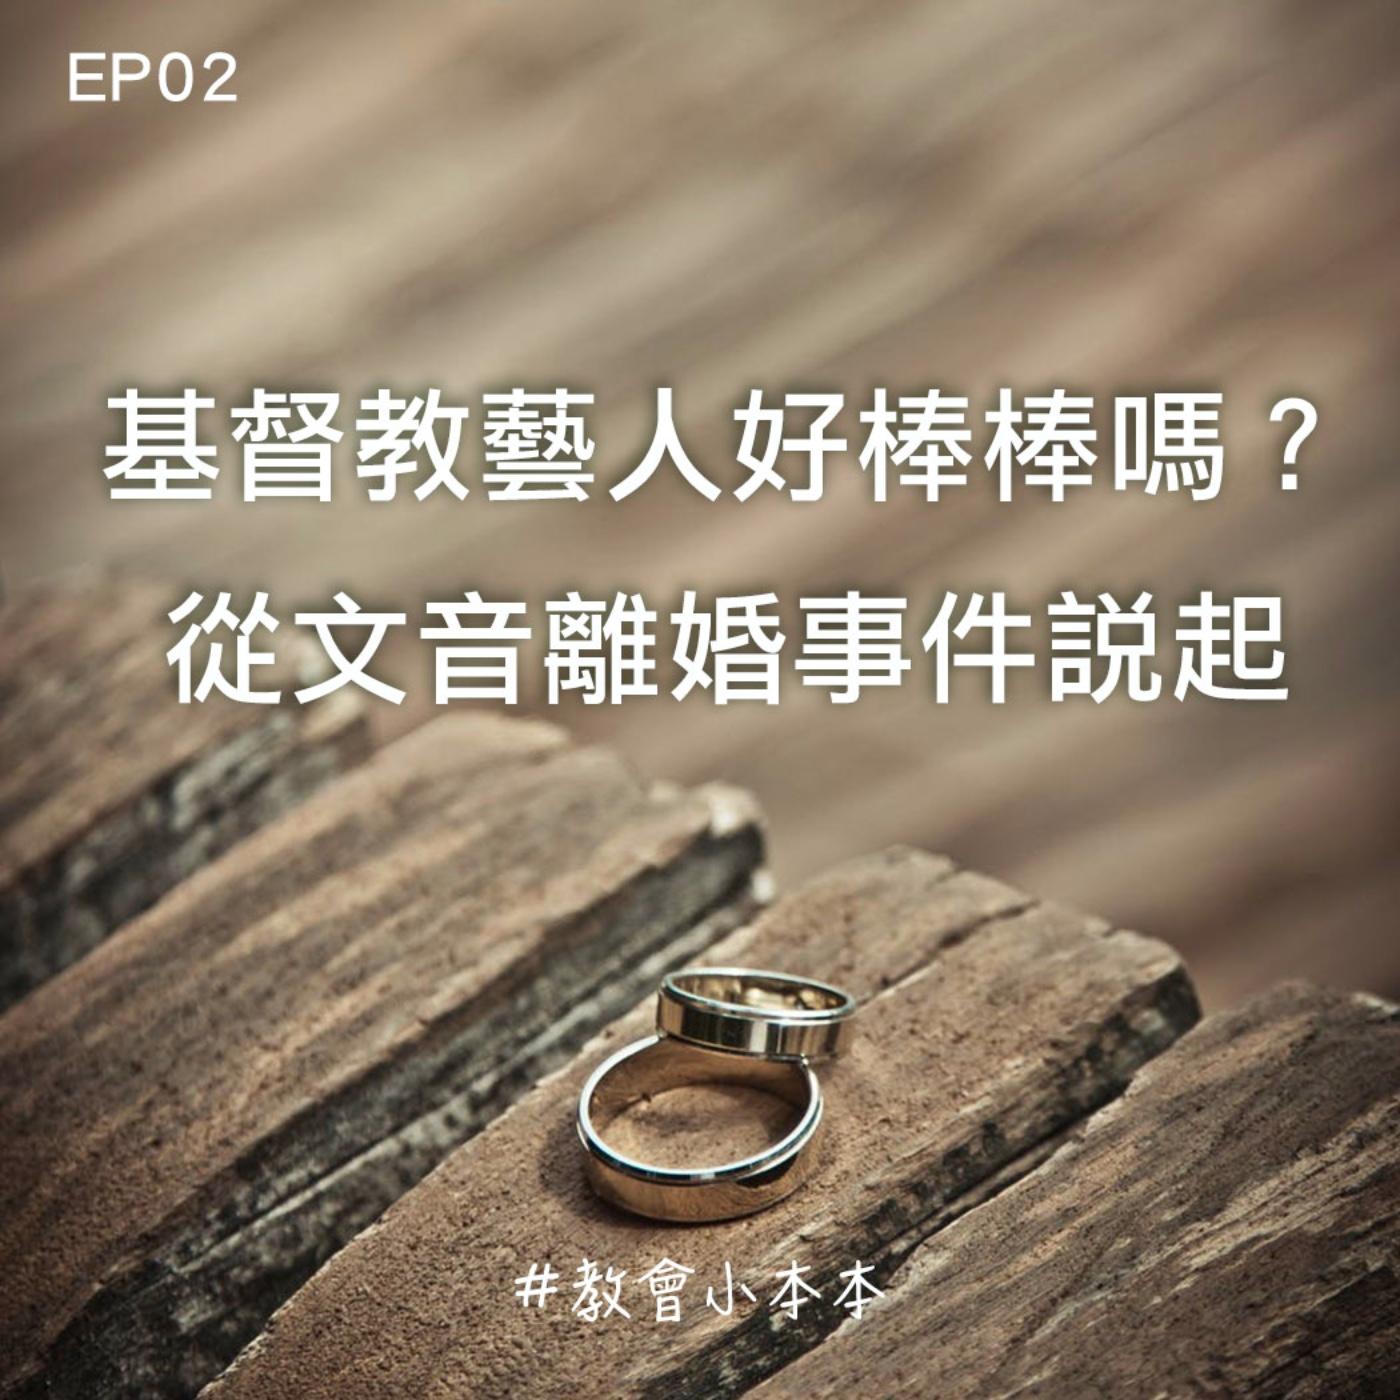 EP02 基督教藝人好棒棒嗎? 從文音離婚事件說起